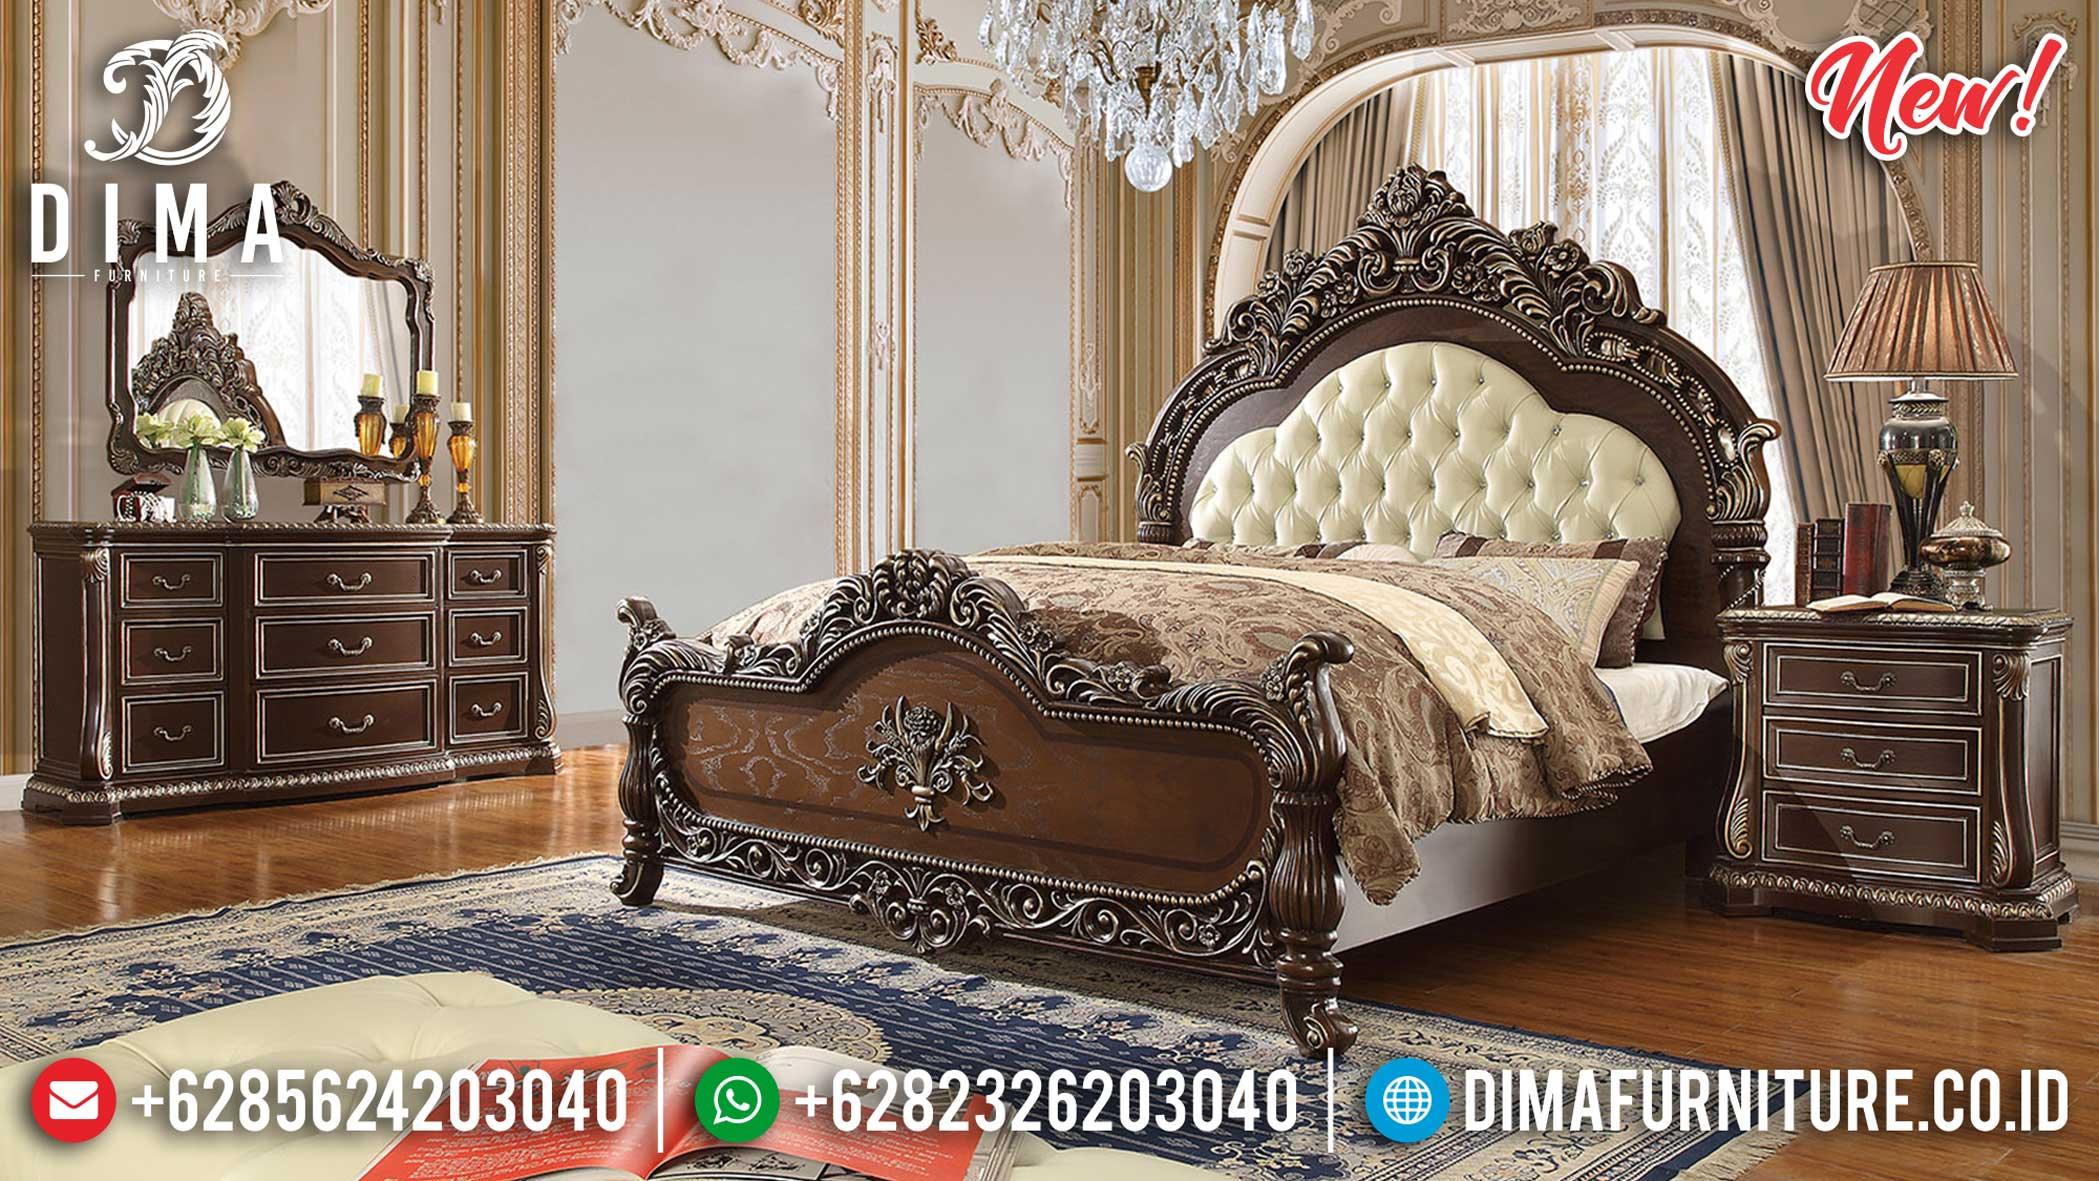 New Design Kamar Set Mewah Natural Jati Luxury Carving Jepara TTJ-1021